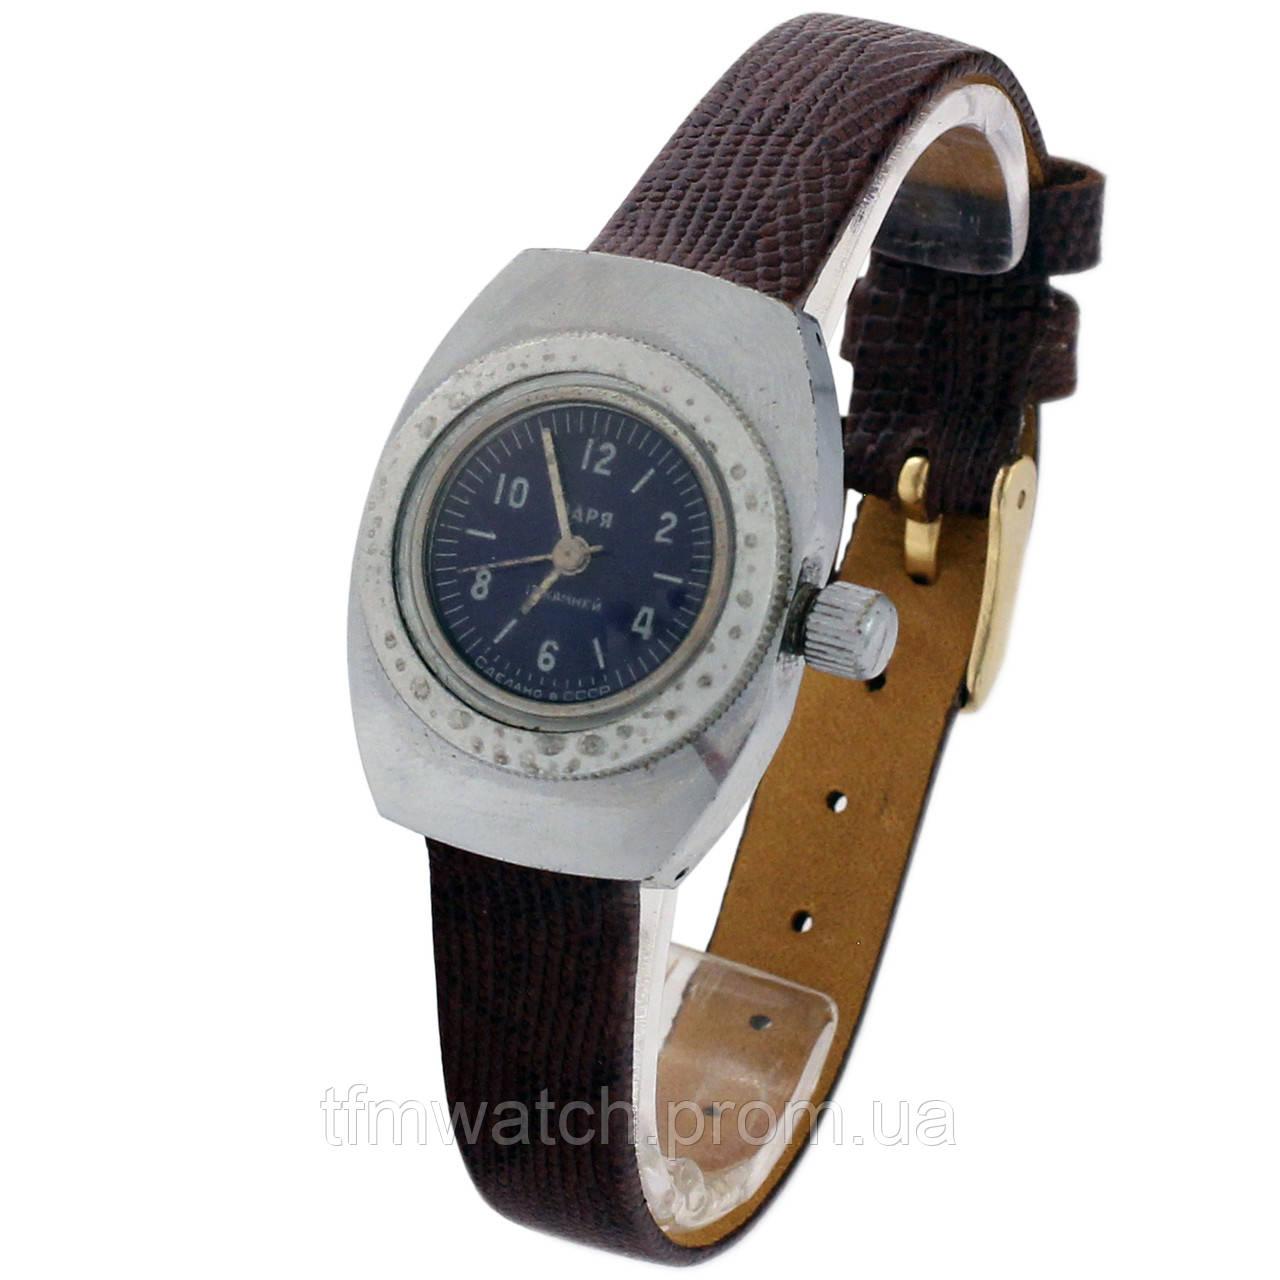 Заря 17 продать женские цена часы ссср камней владимире ссср скупка часов во